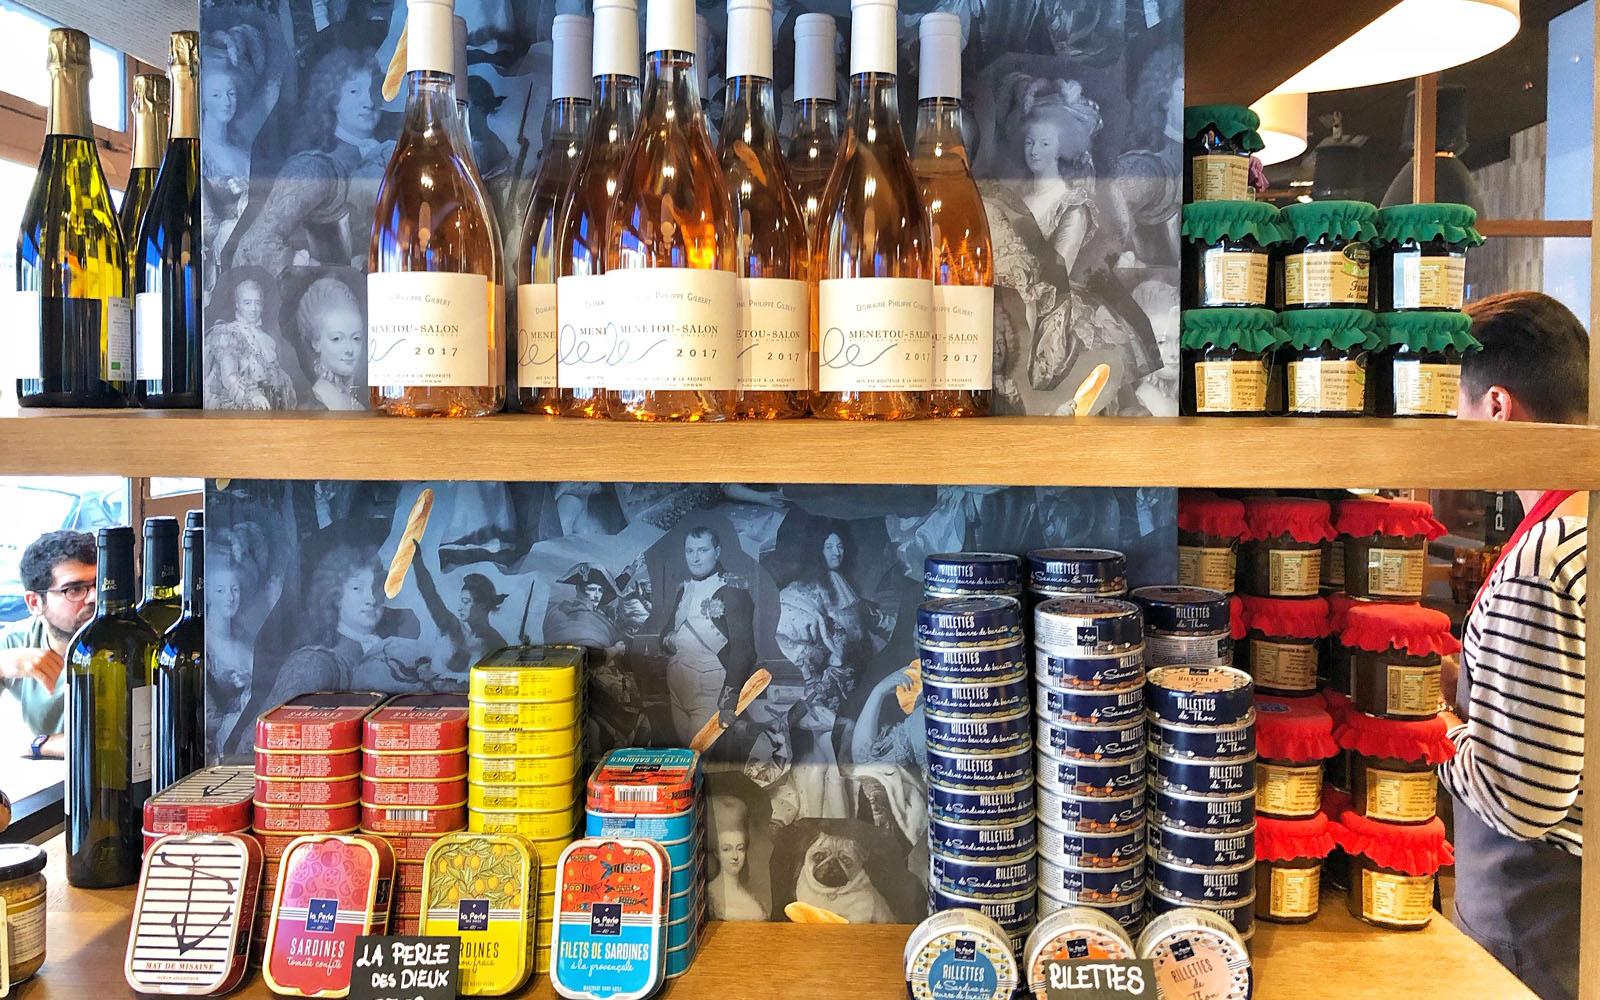 Bottiglie di vino bio ed altri prodotti, da consumare in loco o da portare a casa.